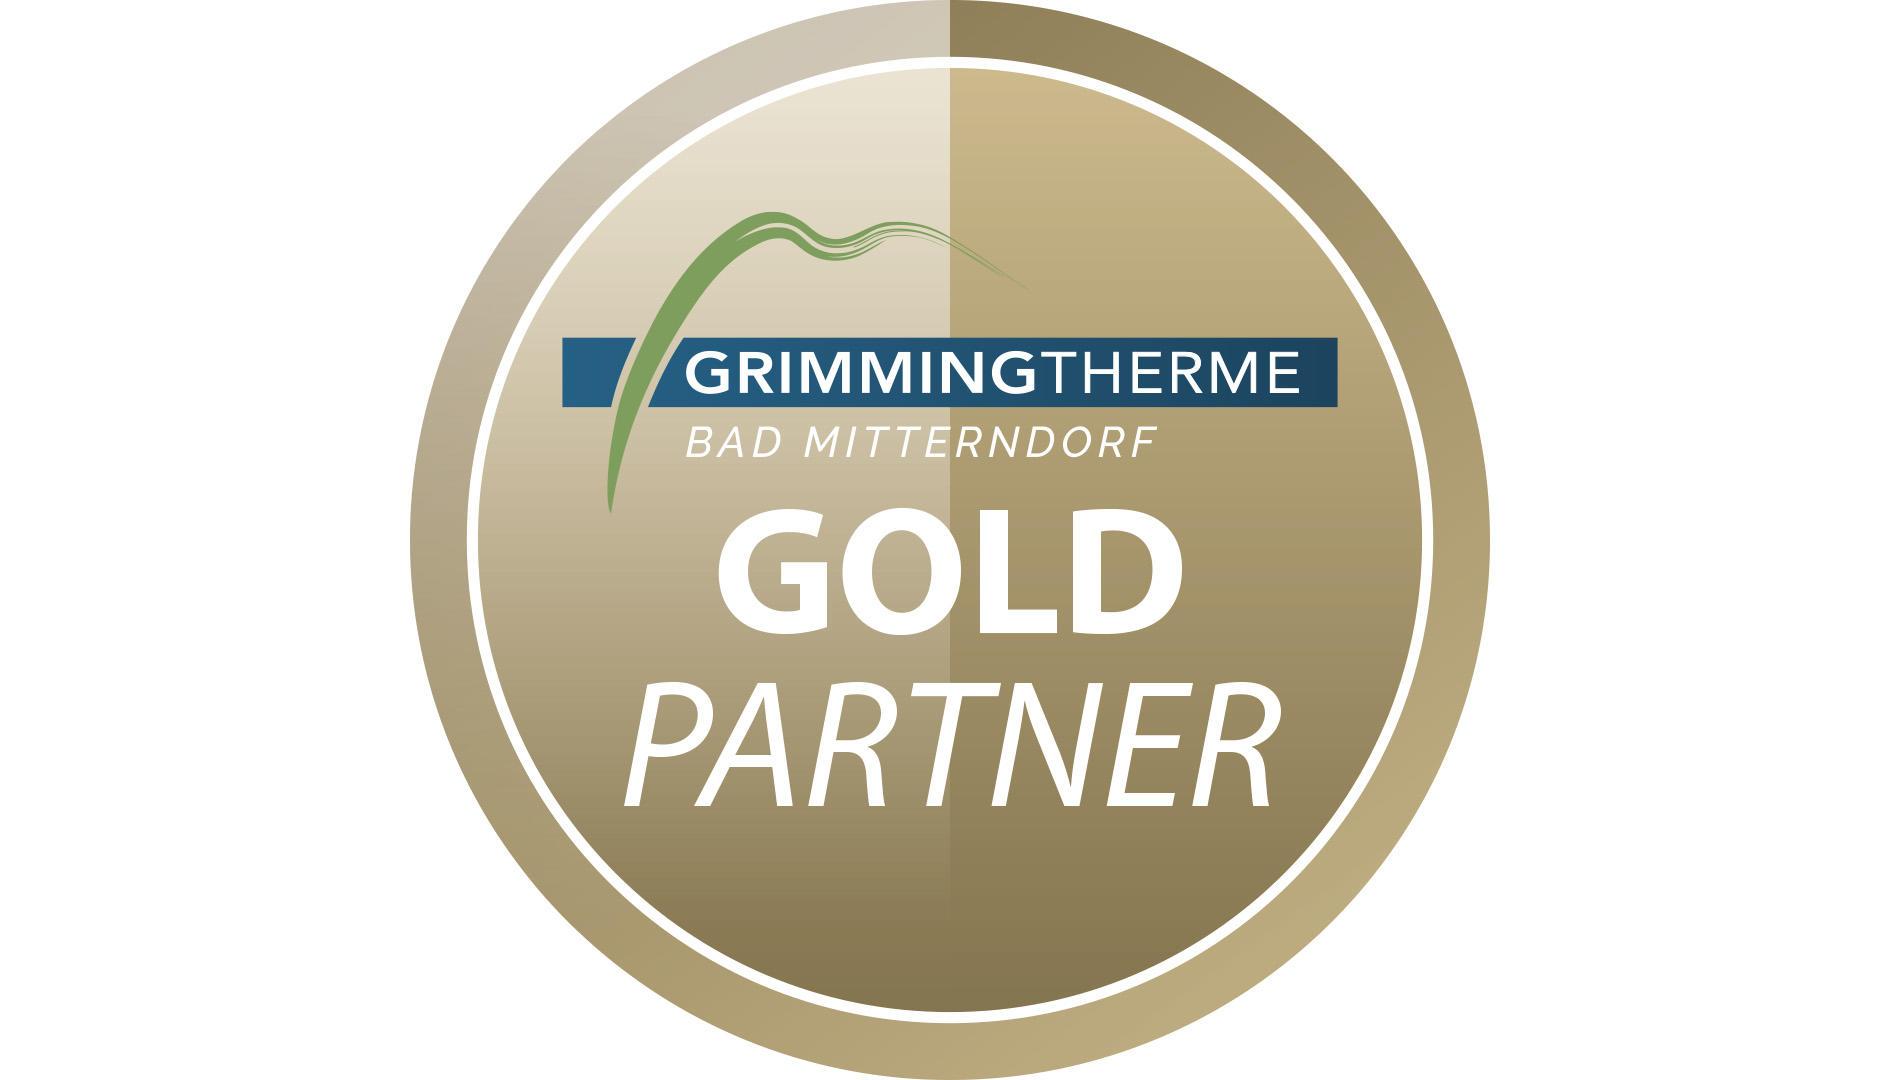 Sie sehen das Sujetbild von Goldpartner der Grimmingtherme in Bad Mitterndorf. JUFA Hotels bietet erholsamen Familienurlaub und einen unvergesslichen Winter- und Wanderurlaub.